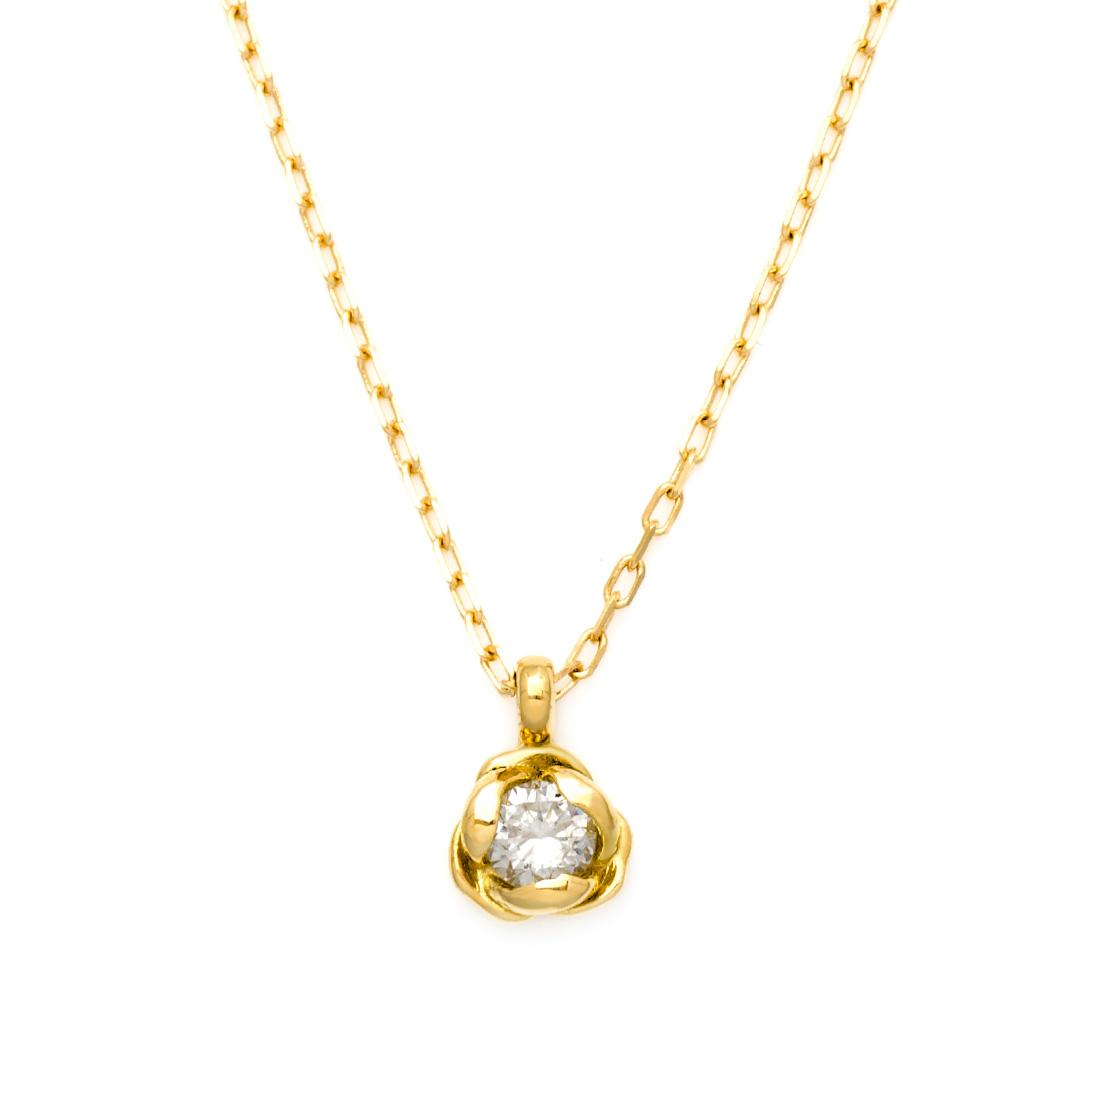 【GWクーポン配布中】【即日発送可能】【1点限り】ペンダント ダイヤモンド 0.1ct 「Rosa」 ゴールド K18 アズキチェーン 送料無料